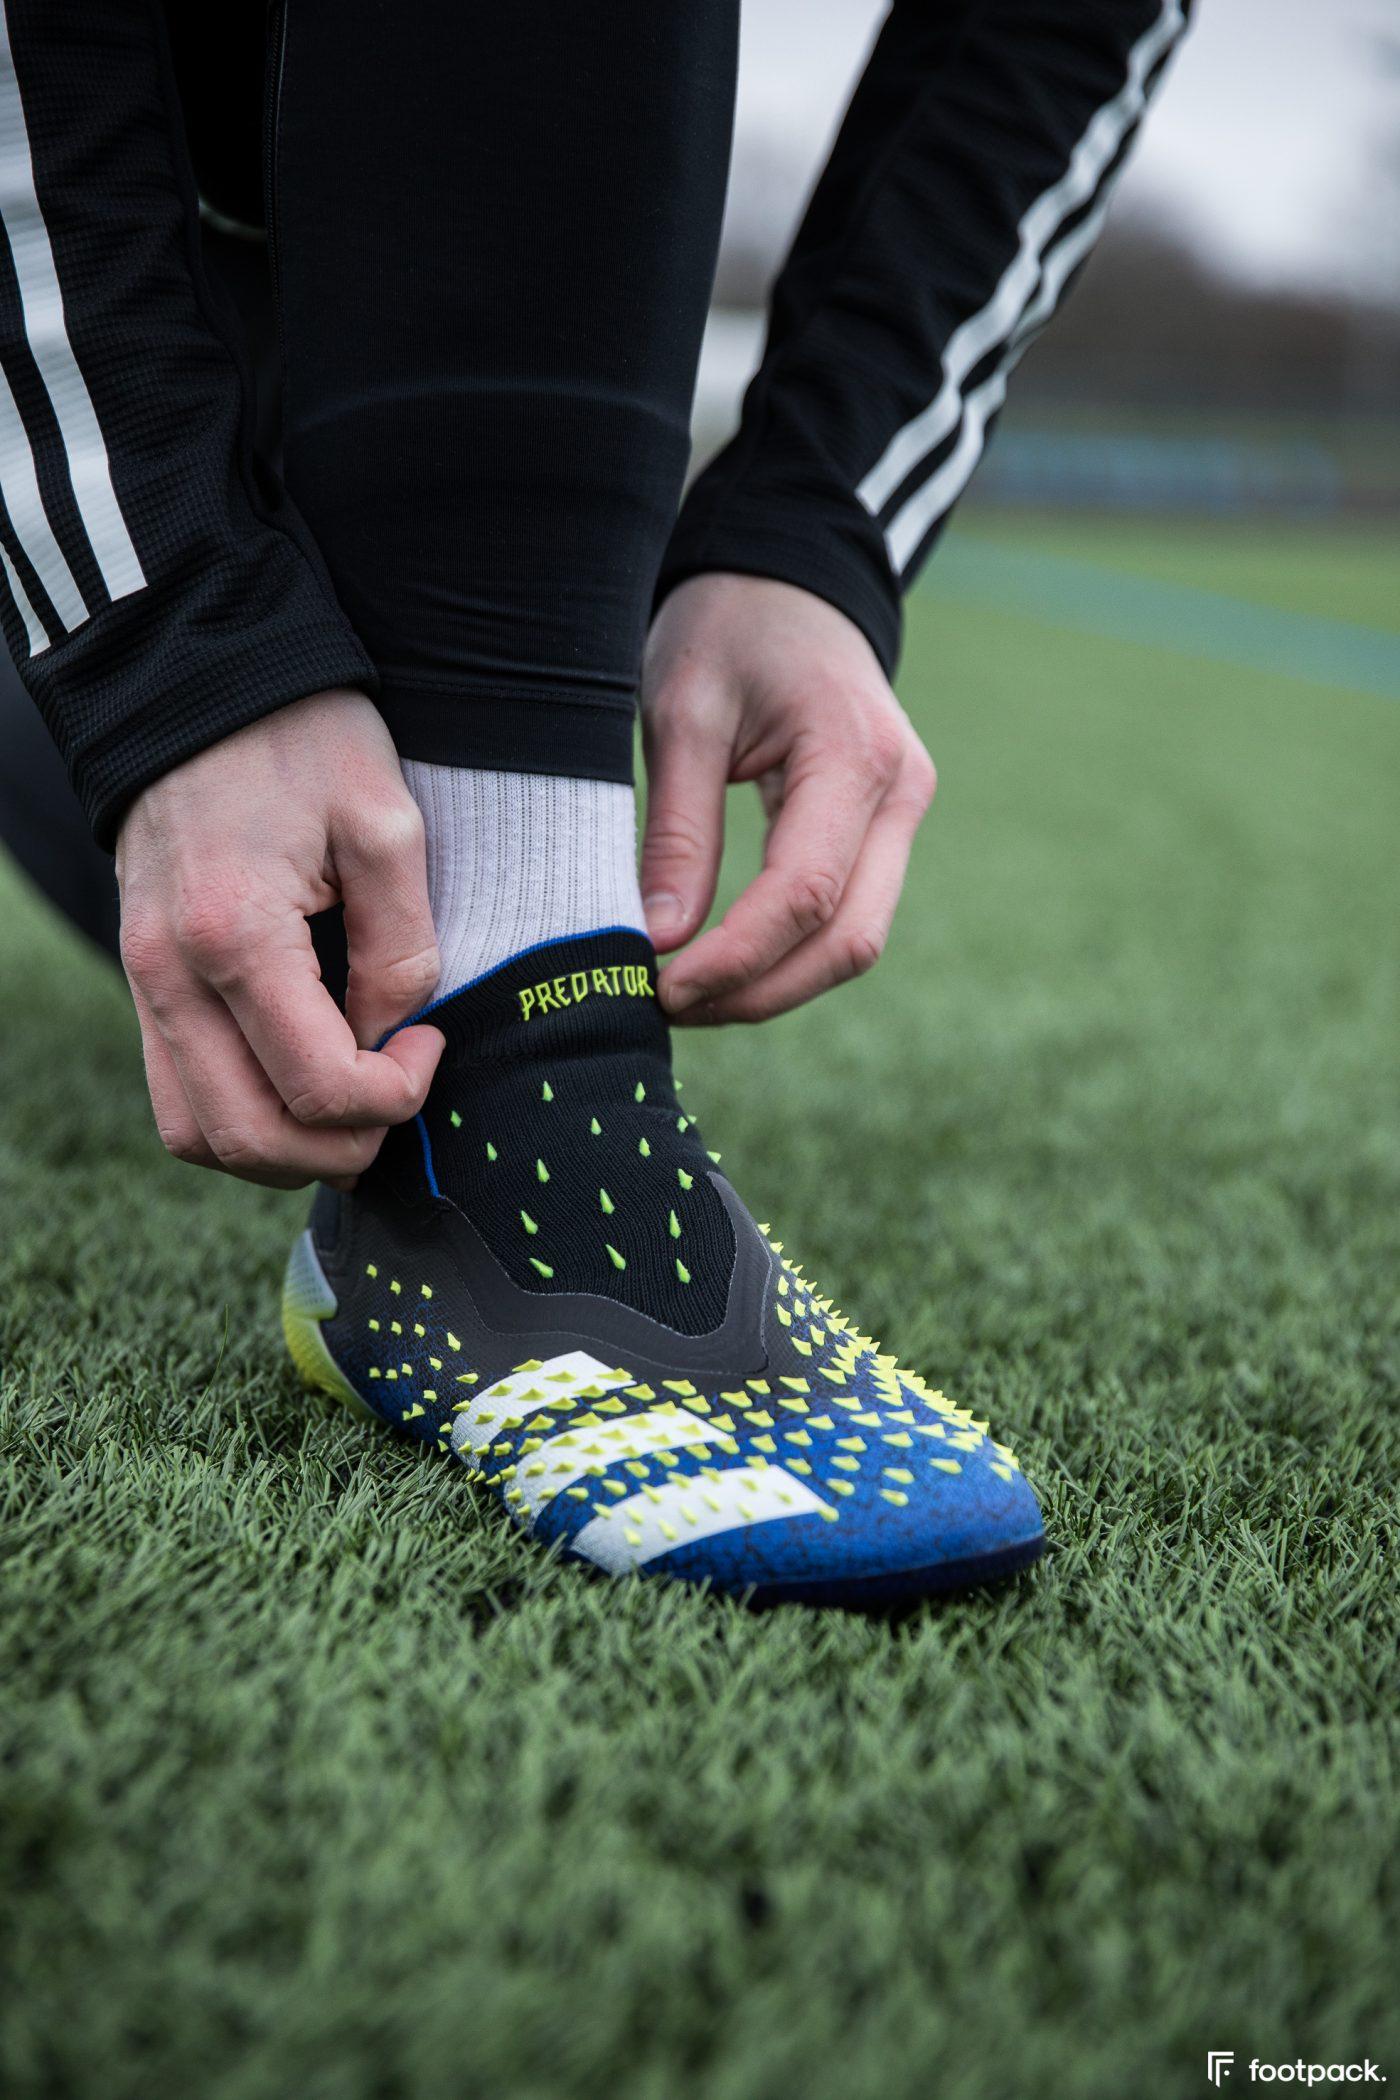 test-adidas-predator-freak+-footpack-32